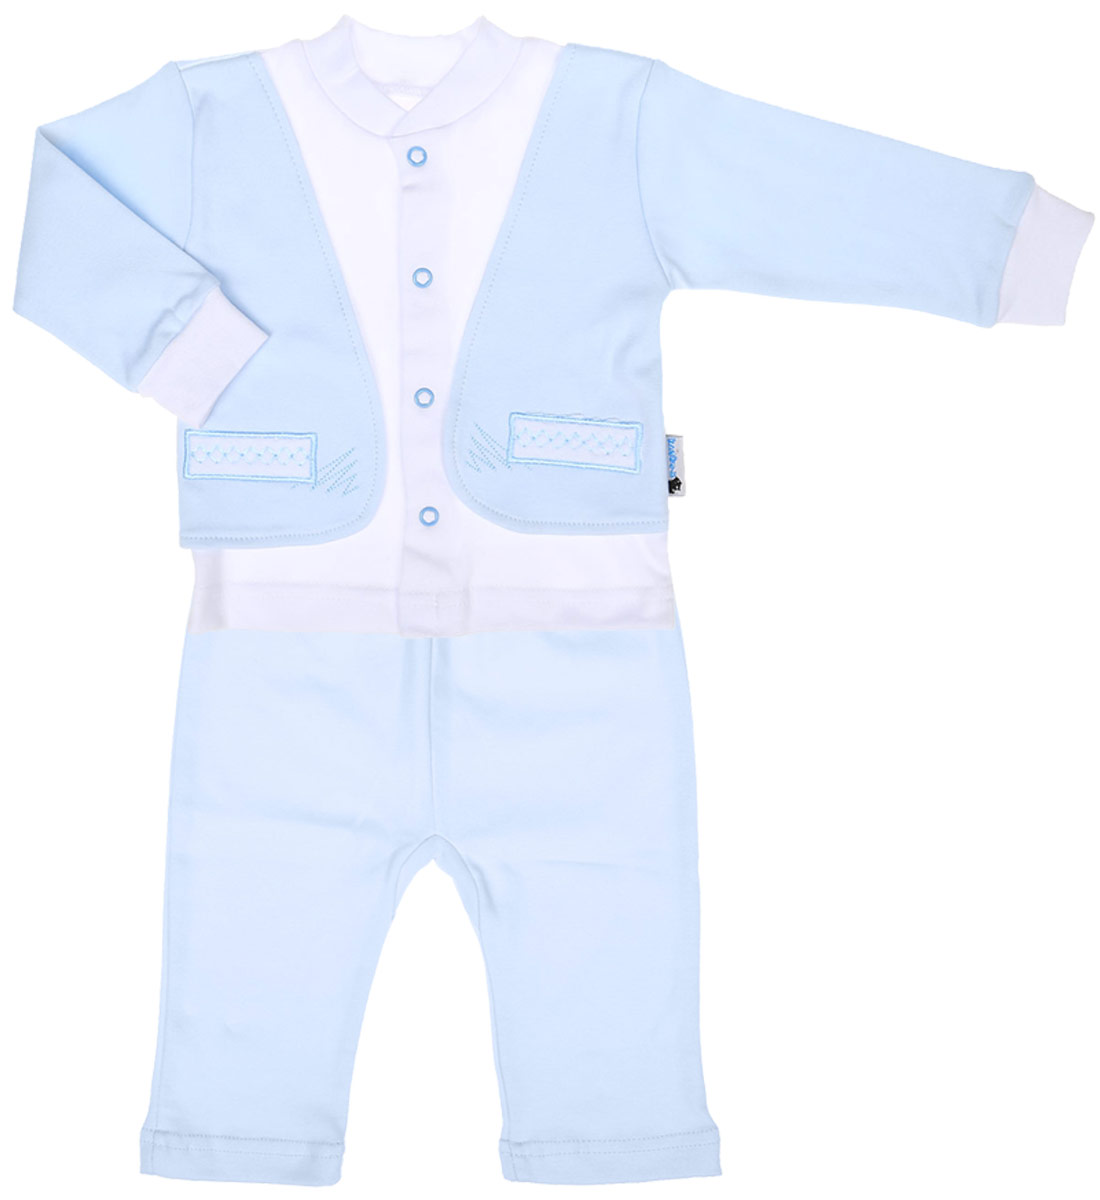 Комплект для мальчика Клякса: кофточка, штанишки, цвет: светло-голубой, белый. 37к-2005. Размер 7437к-2005Комплект для мальчика Клякса, изготовленный из натурального хлопка, состоит из кофточки и штанишек. Кофточка с имитацией пиджака застегивается спереди на кнопки. Модель с длинными рукавами имеет круглый вырез горловины, дополненный мягкой трикотажной резинкой. На рукавах предусмотрены эластичные манжеты. Кофточка украшена вышивкой. Штанишки с завышенной линией талии имеют мягкий эластичный пояс.